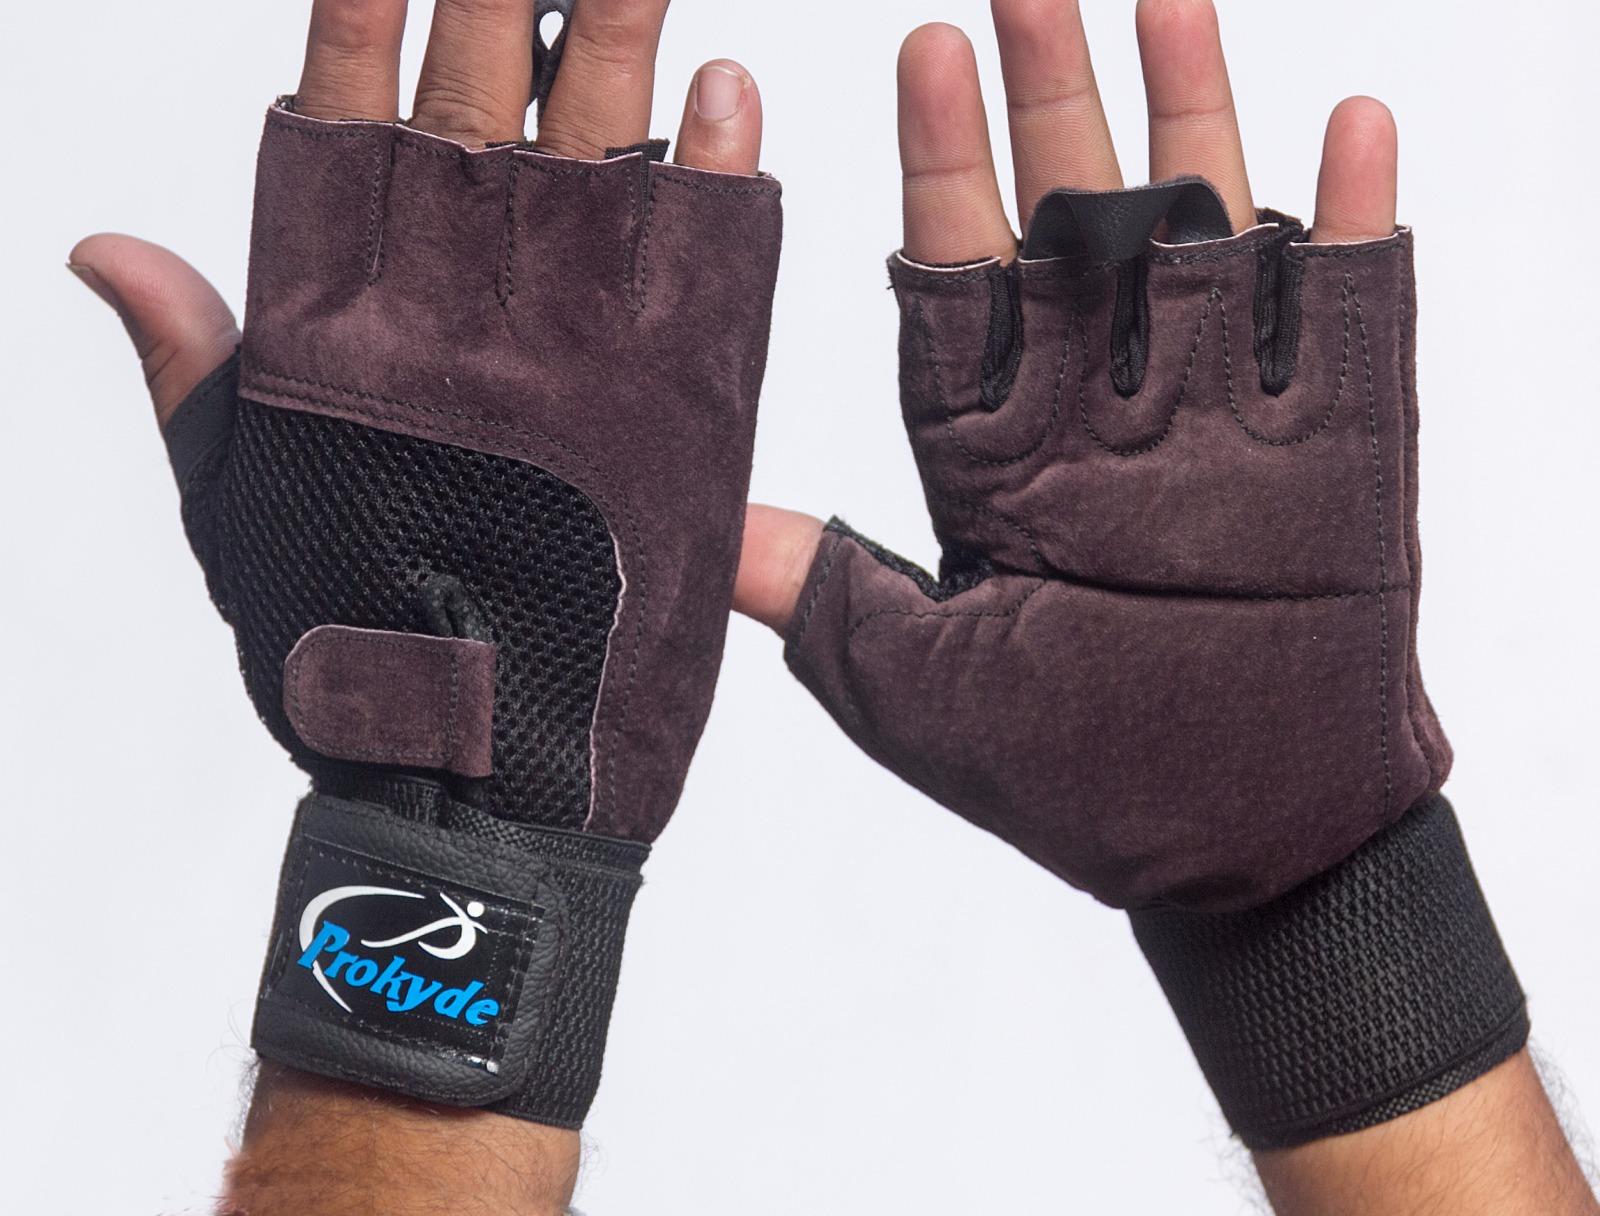 Sparrow Gym Gloves